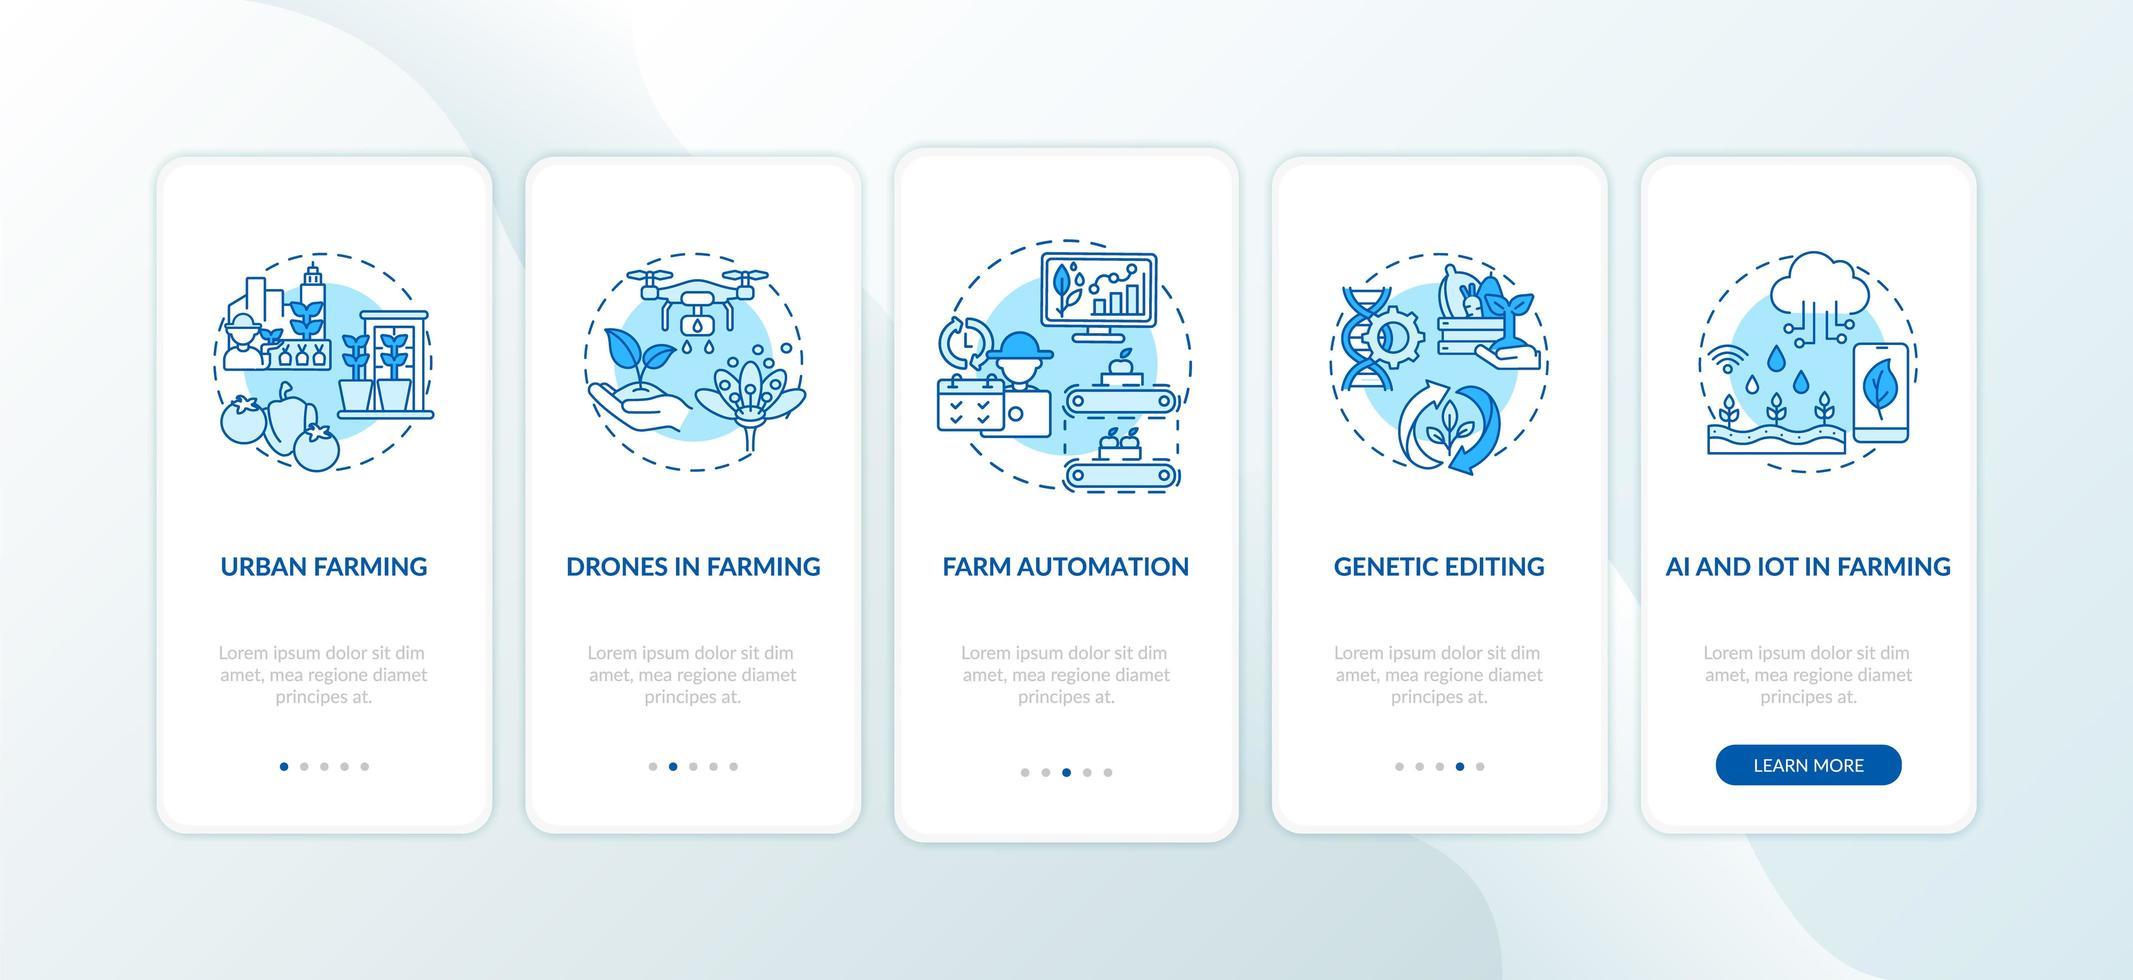 tela de página de aplicativo móvel de integração de inovação em agricultura com conceitos vetor